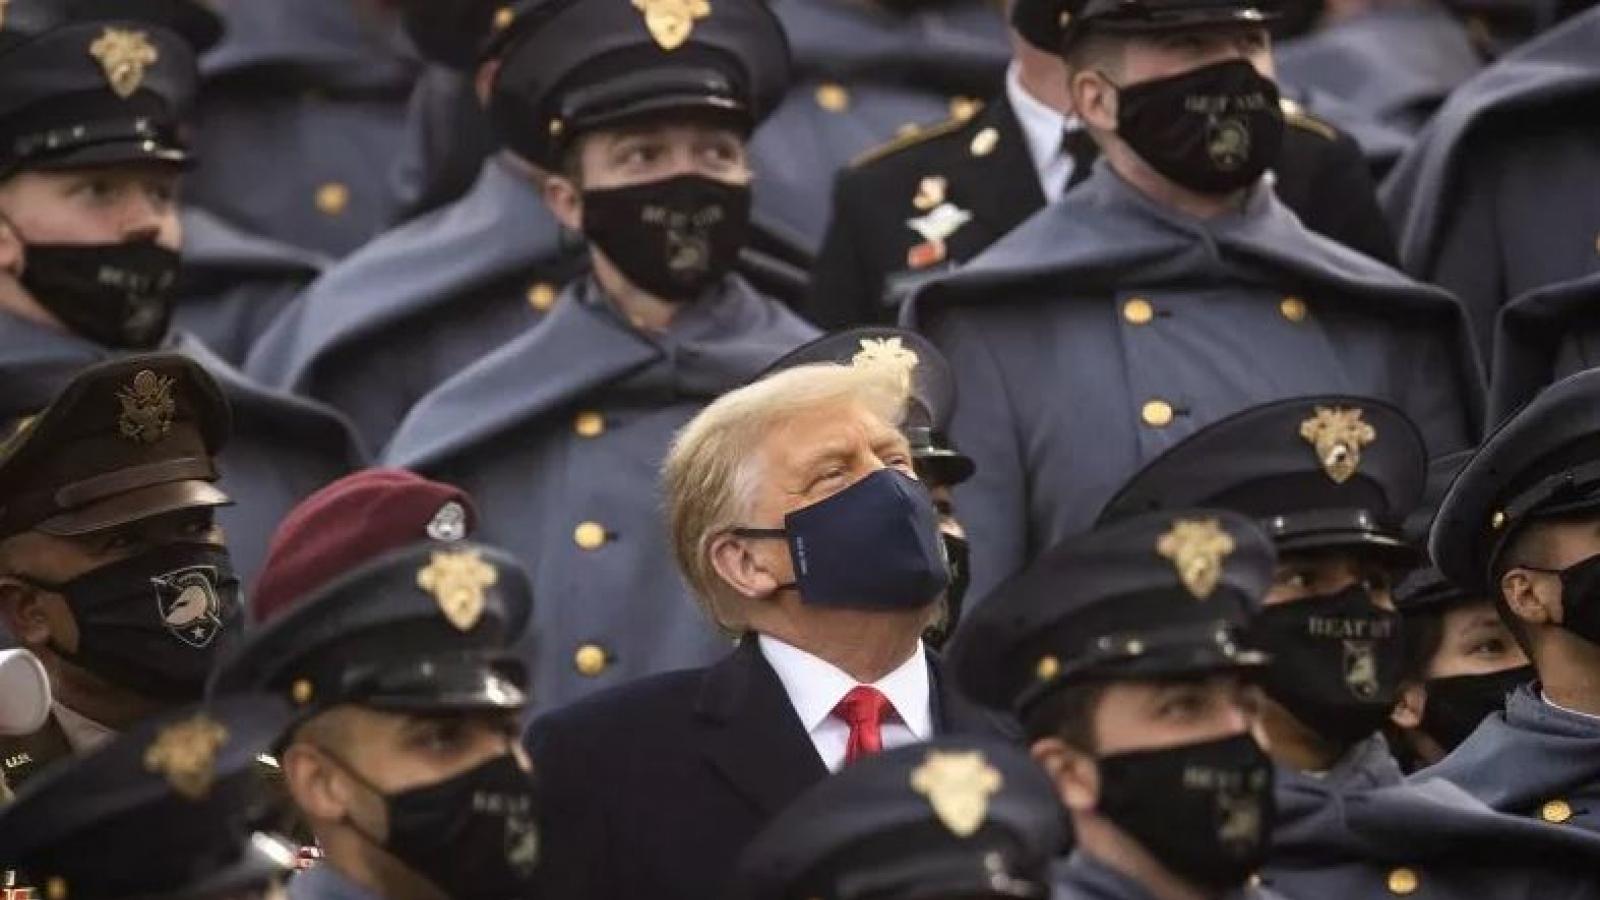 Lo ngại Trump thiết quân luật đảo chiều bầu cử, Lầu Năm Góc đưa ra cảnh báo đỏ